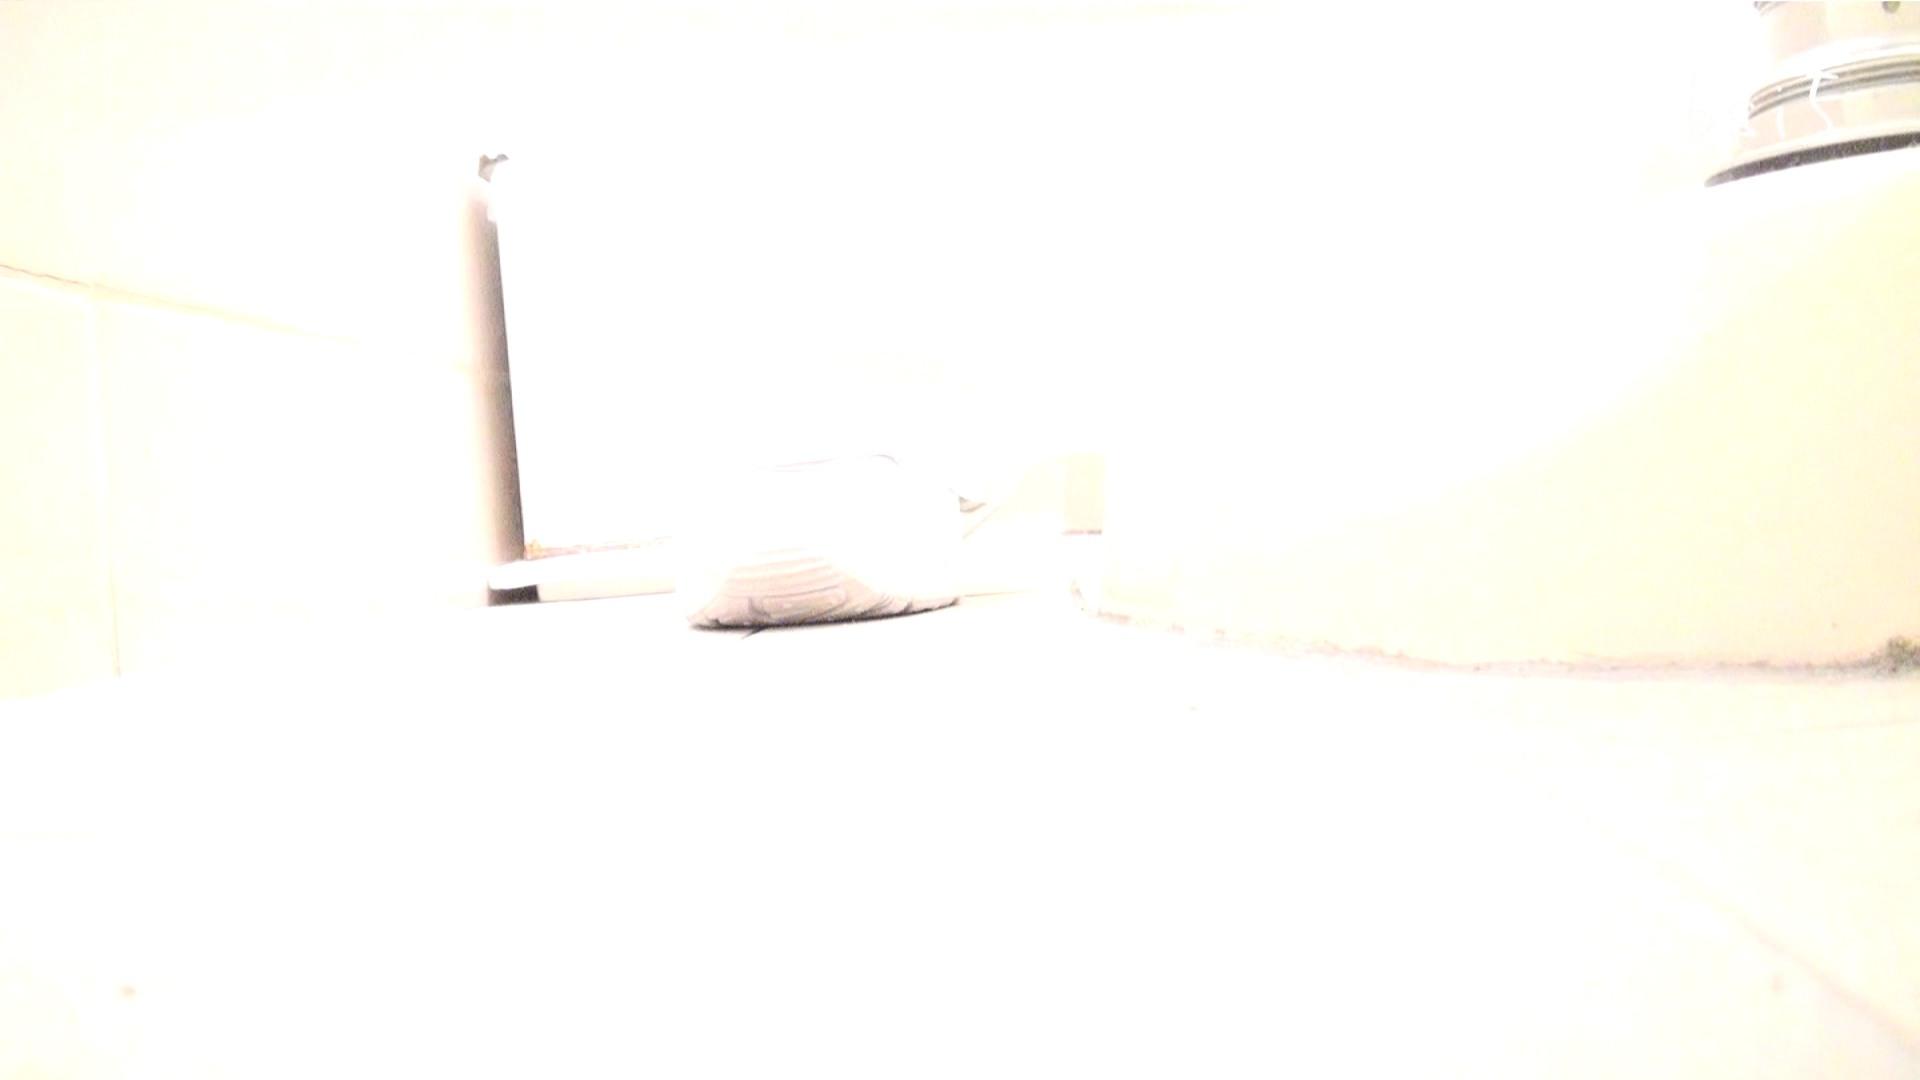 ナースのお小水 vol.005 ナースのエロ動画 のぞき 112PIX 68